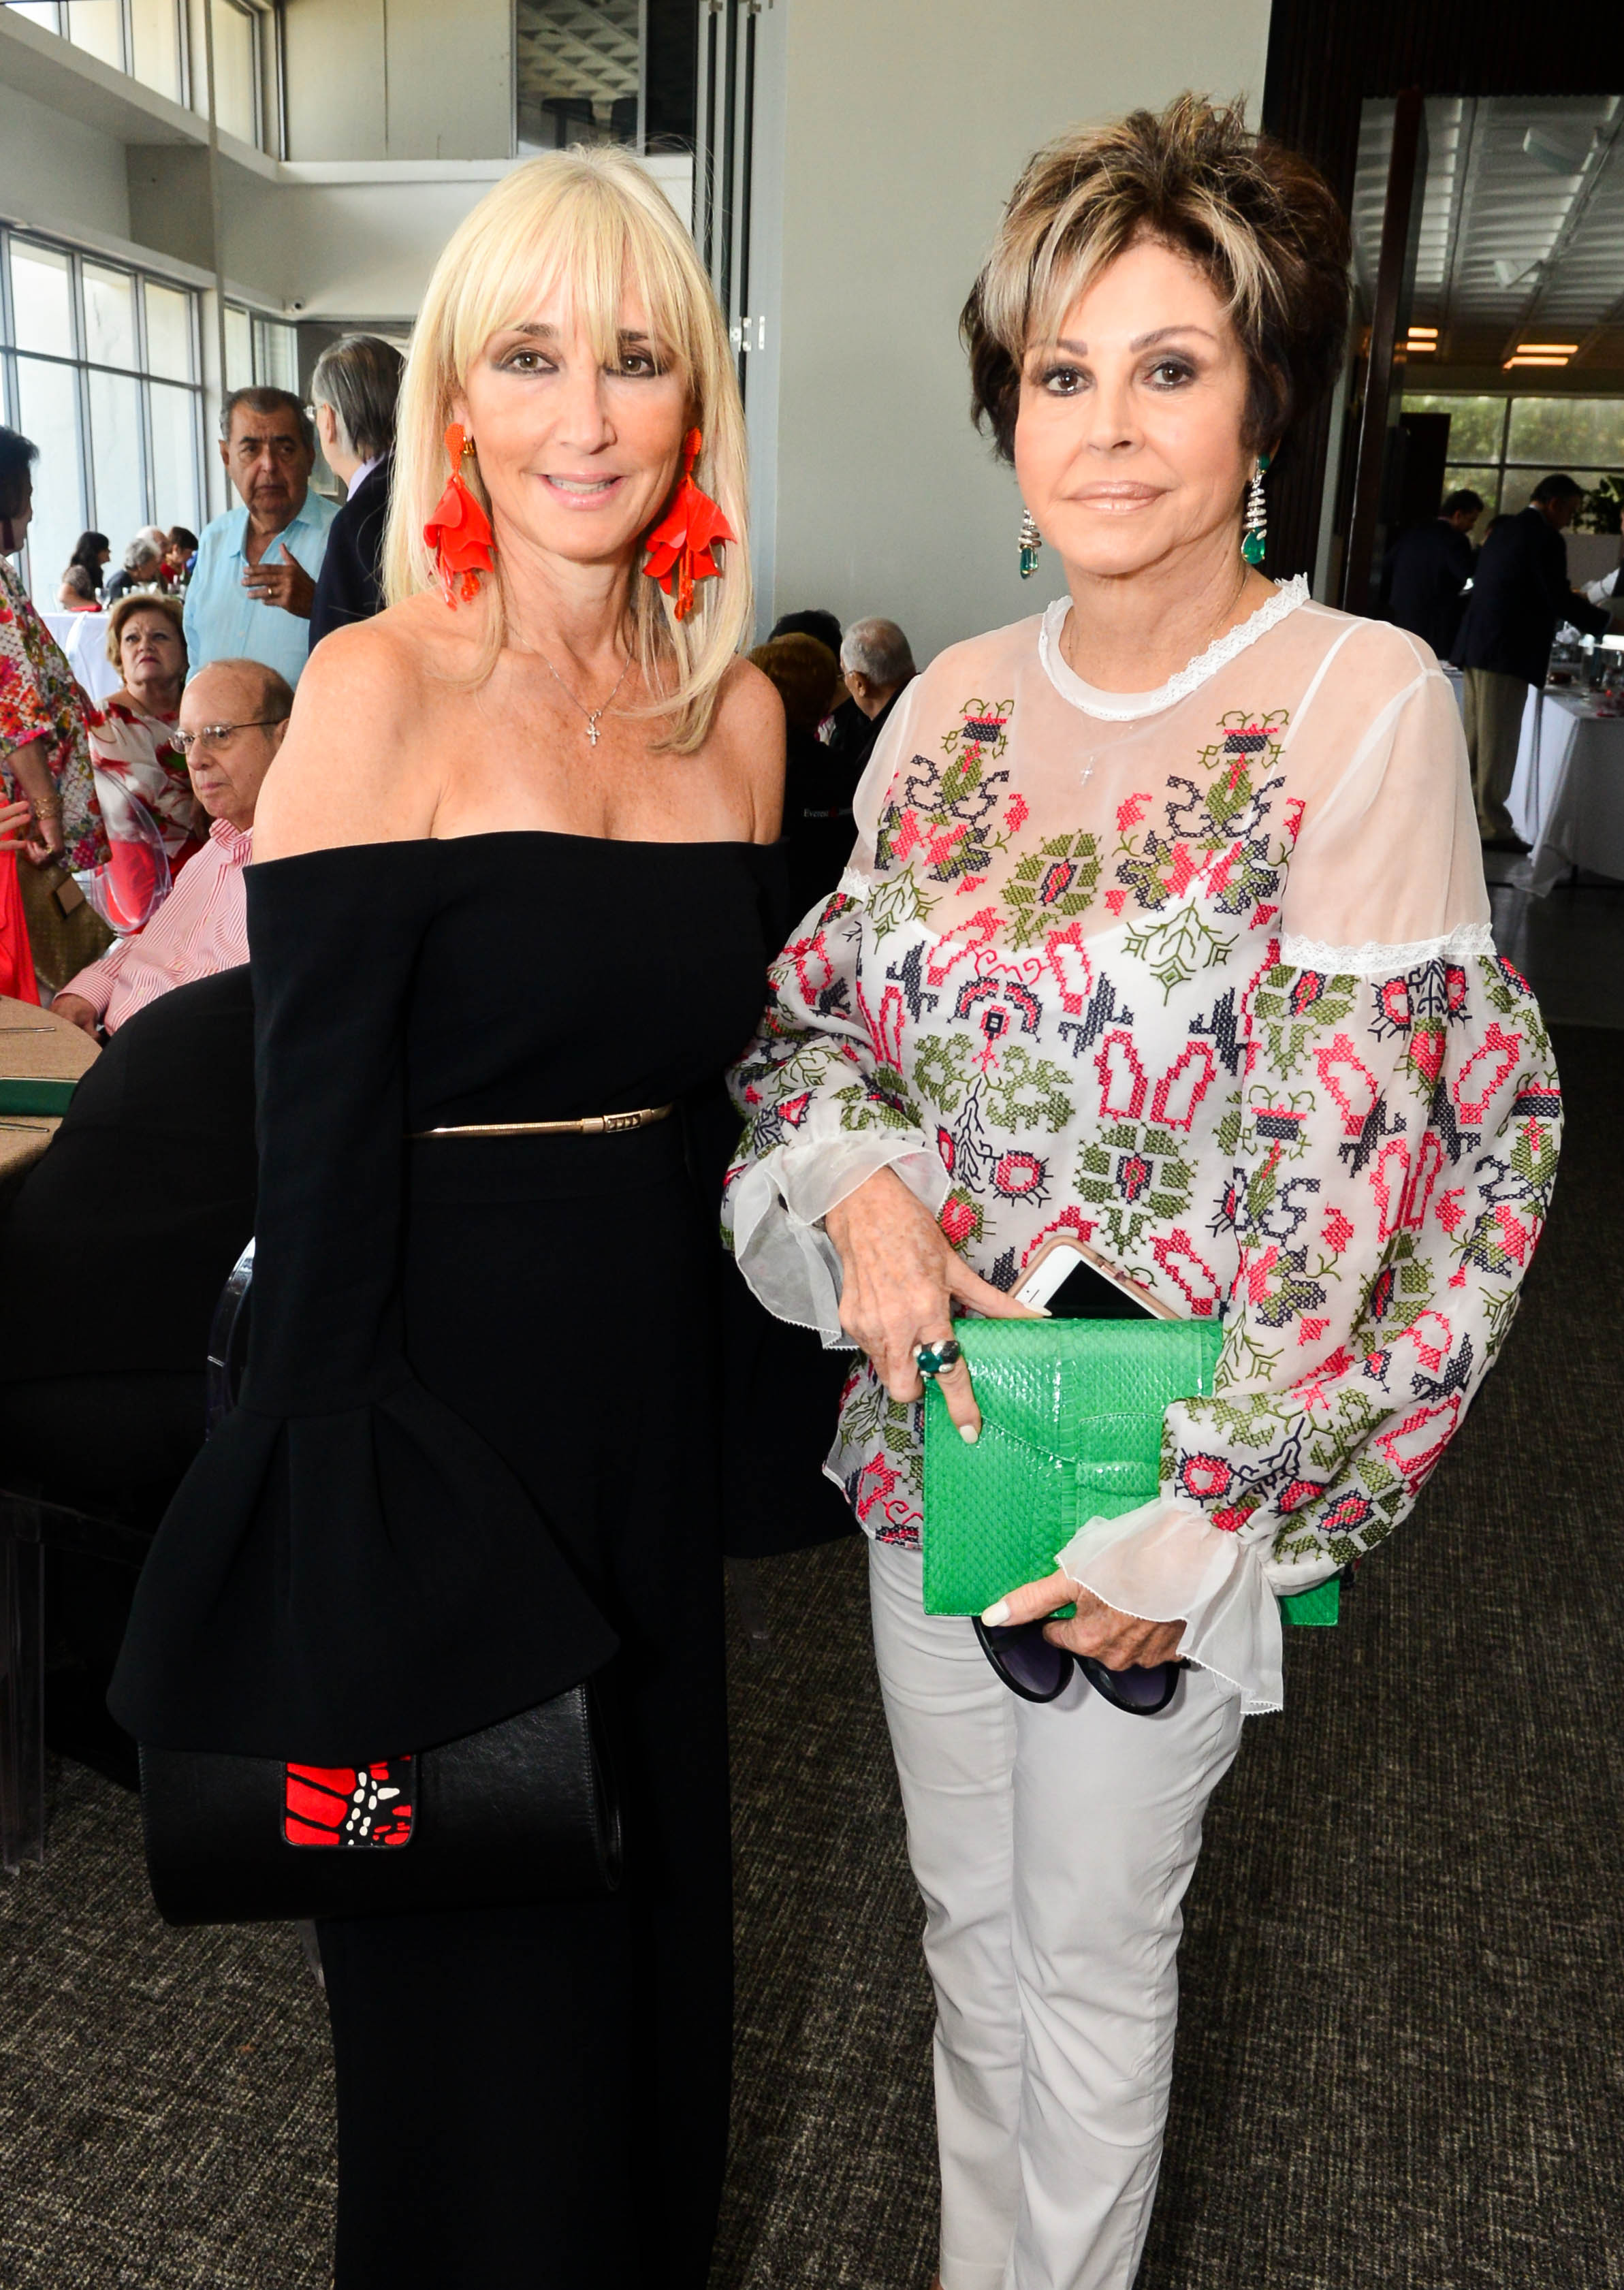 Mercy Short y Mercedes Imbert de Vizcarrondo. Foto Enid M. Salgado Mercado.